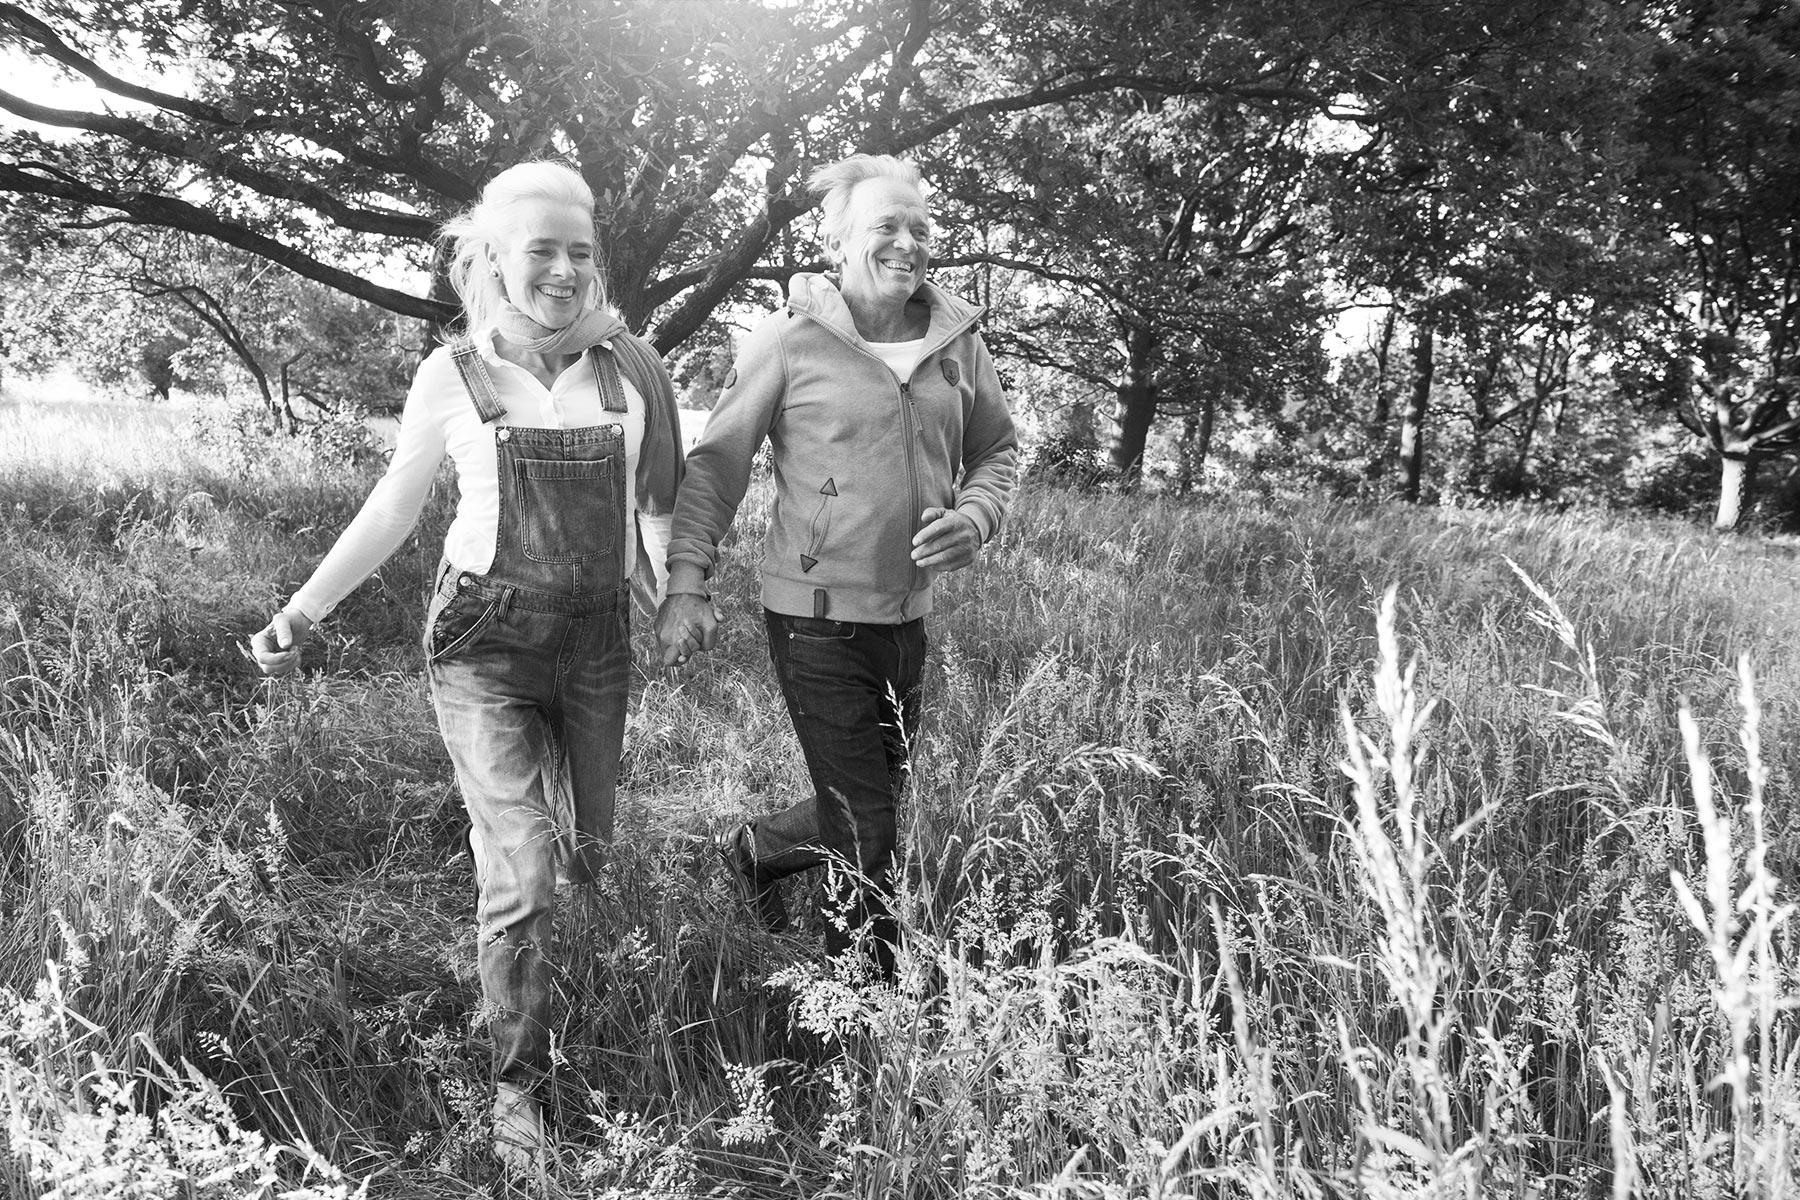 Sommerhochzeit, Paar im Feld